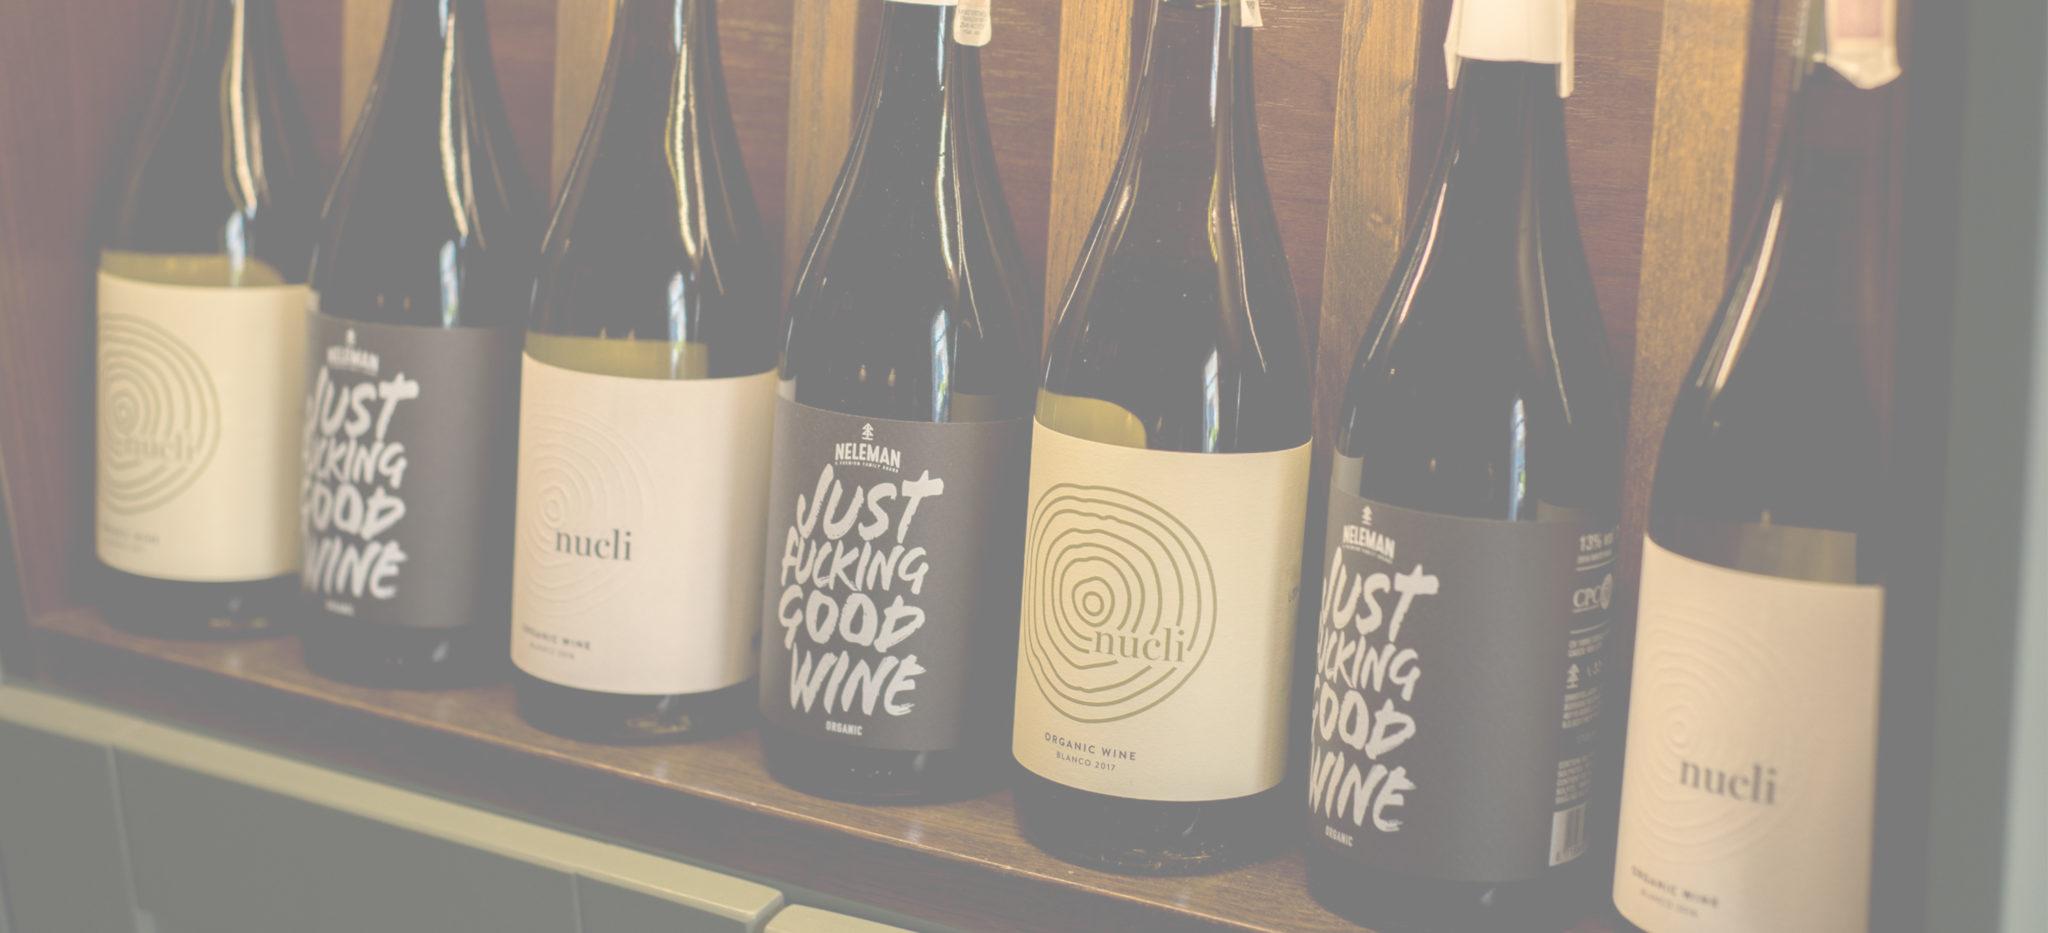 Wino – butelki